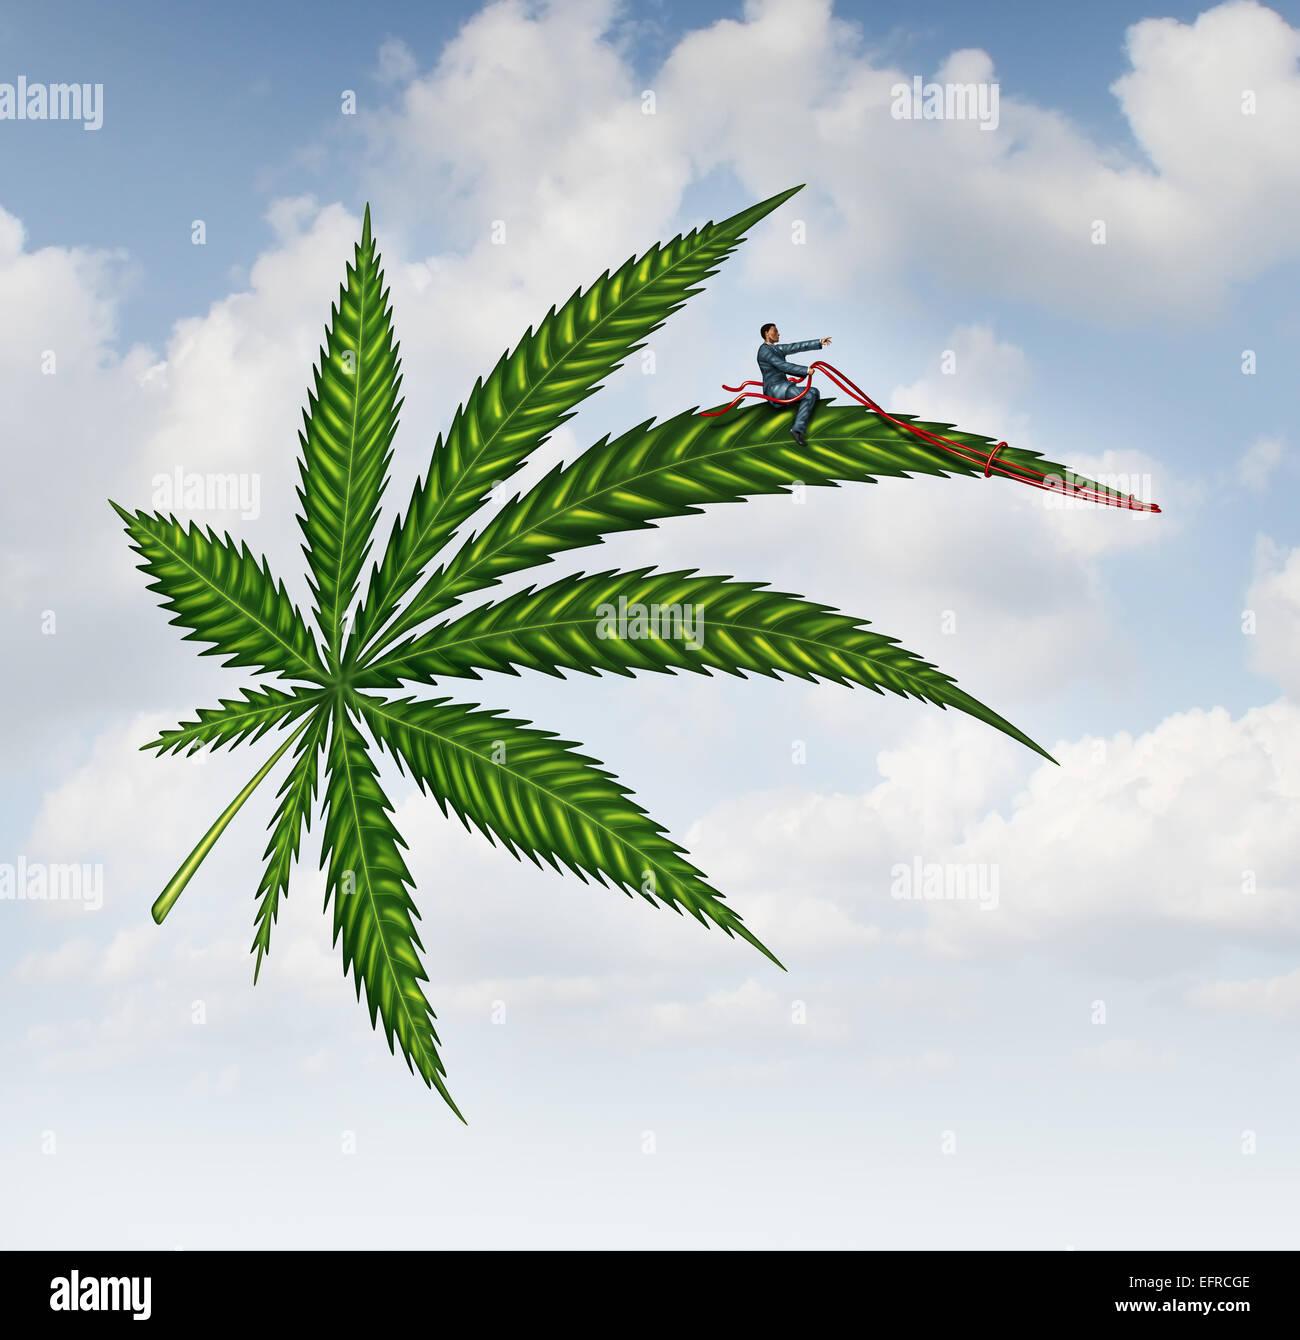 Concepto de marihuana y cannabis hojas volando alto con una persona guiando la planta medicinal como un símbolo Imagen De Stock